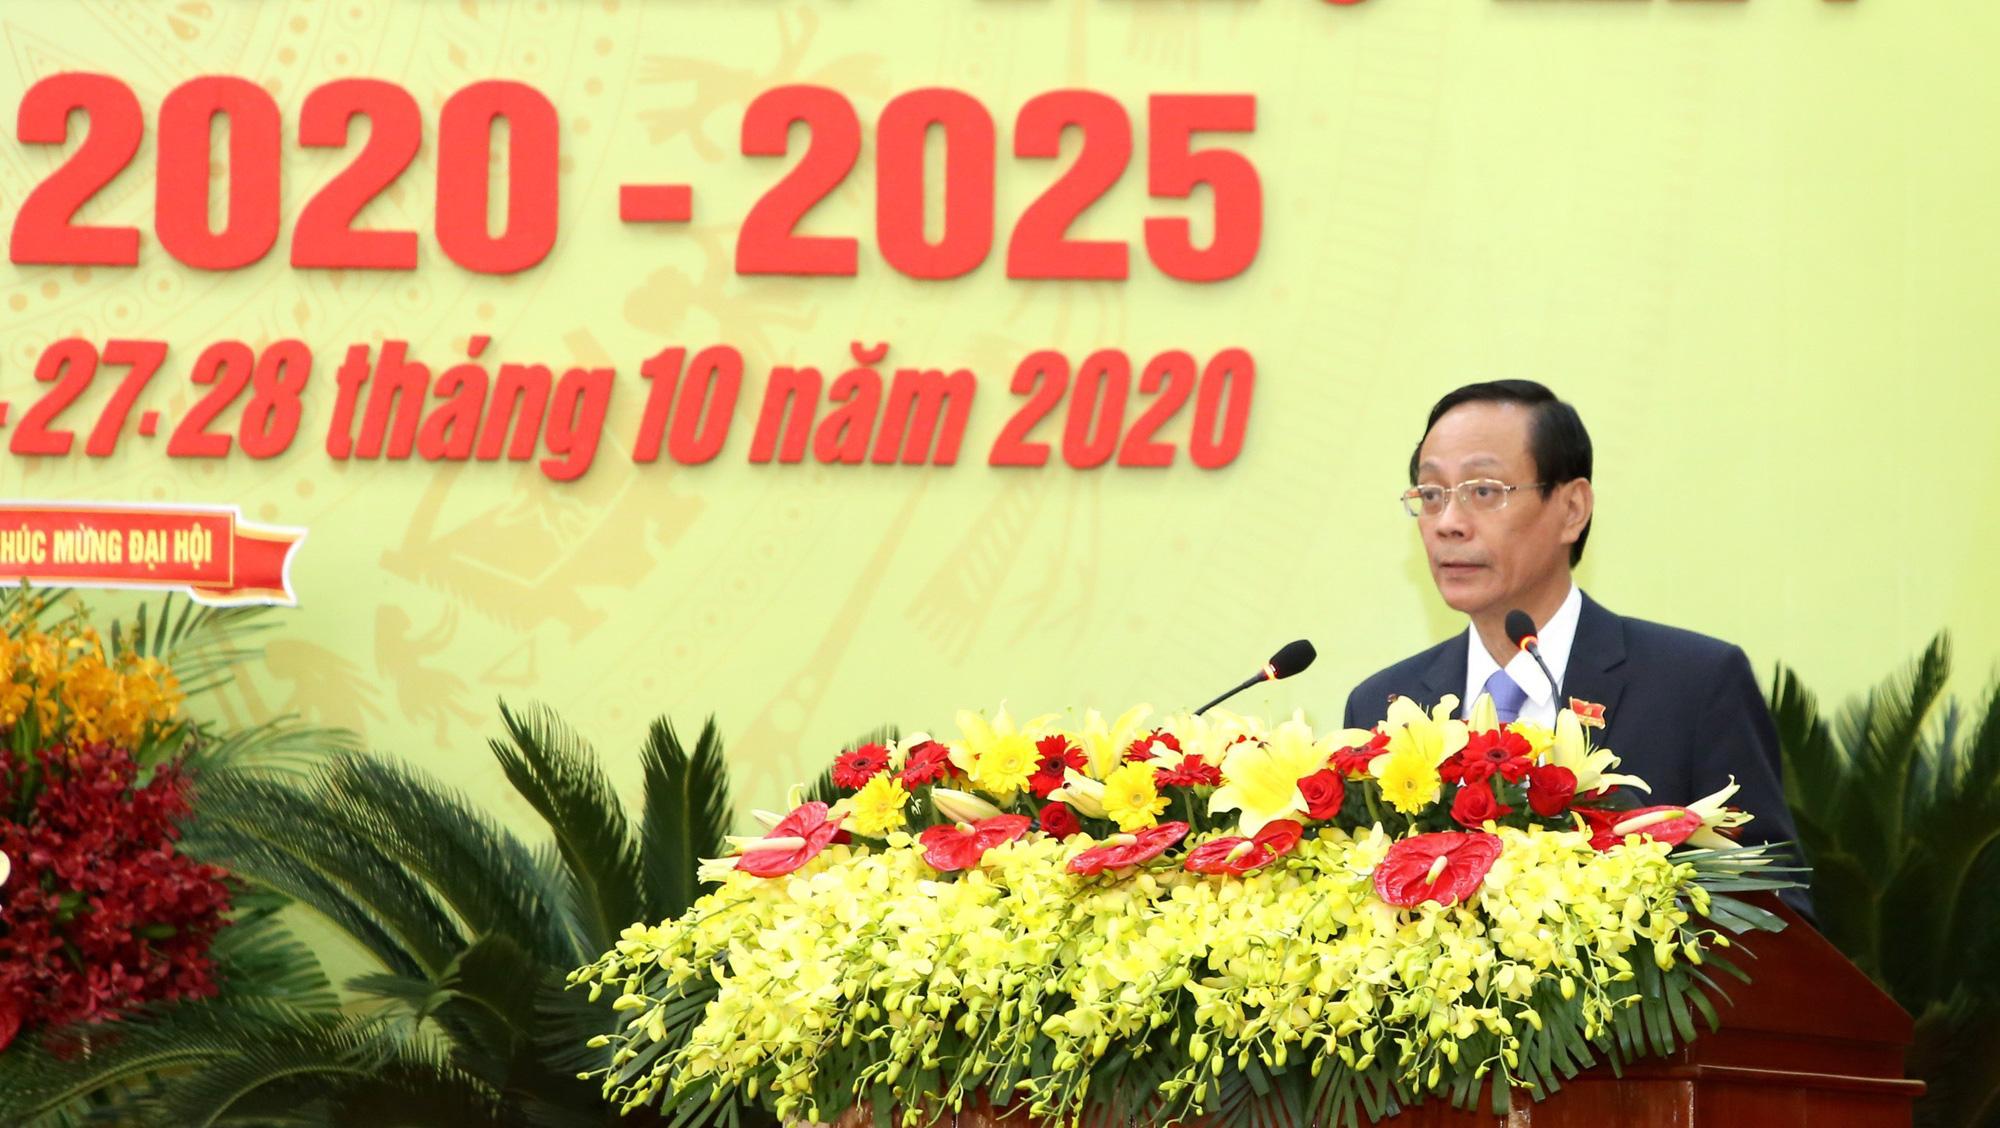 Ninh Thuận: Chú ý đến cán bộ nữ, cán bộ trẻ, cán bộ là đồng bào dân tộc thiểu số - Ảnh 3.